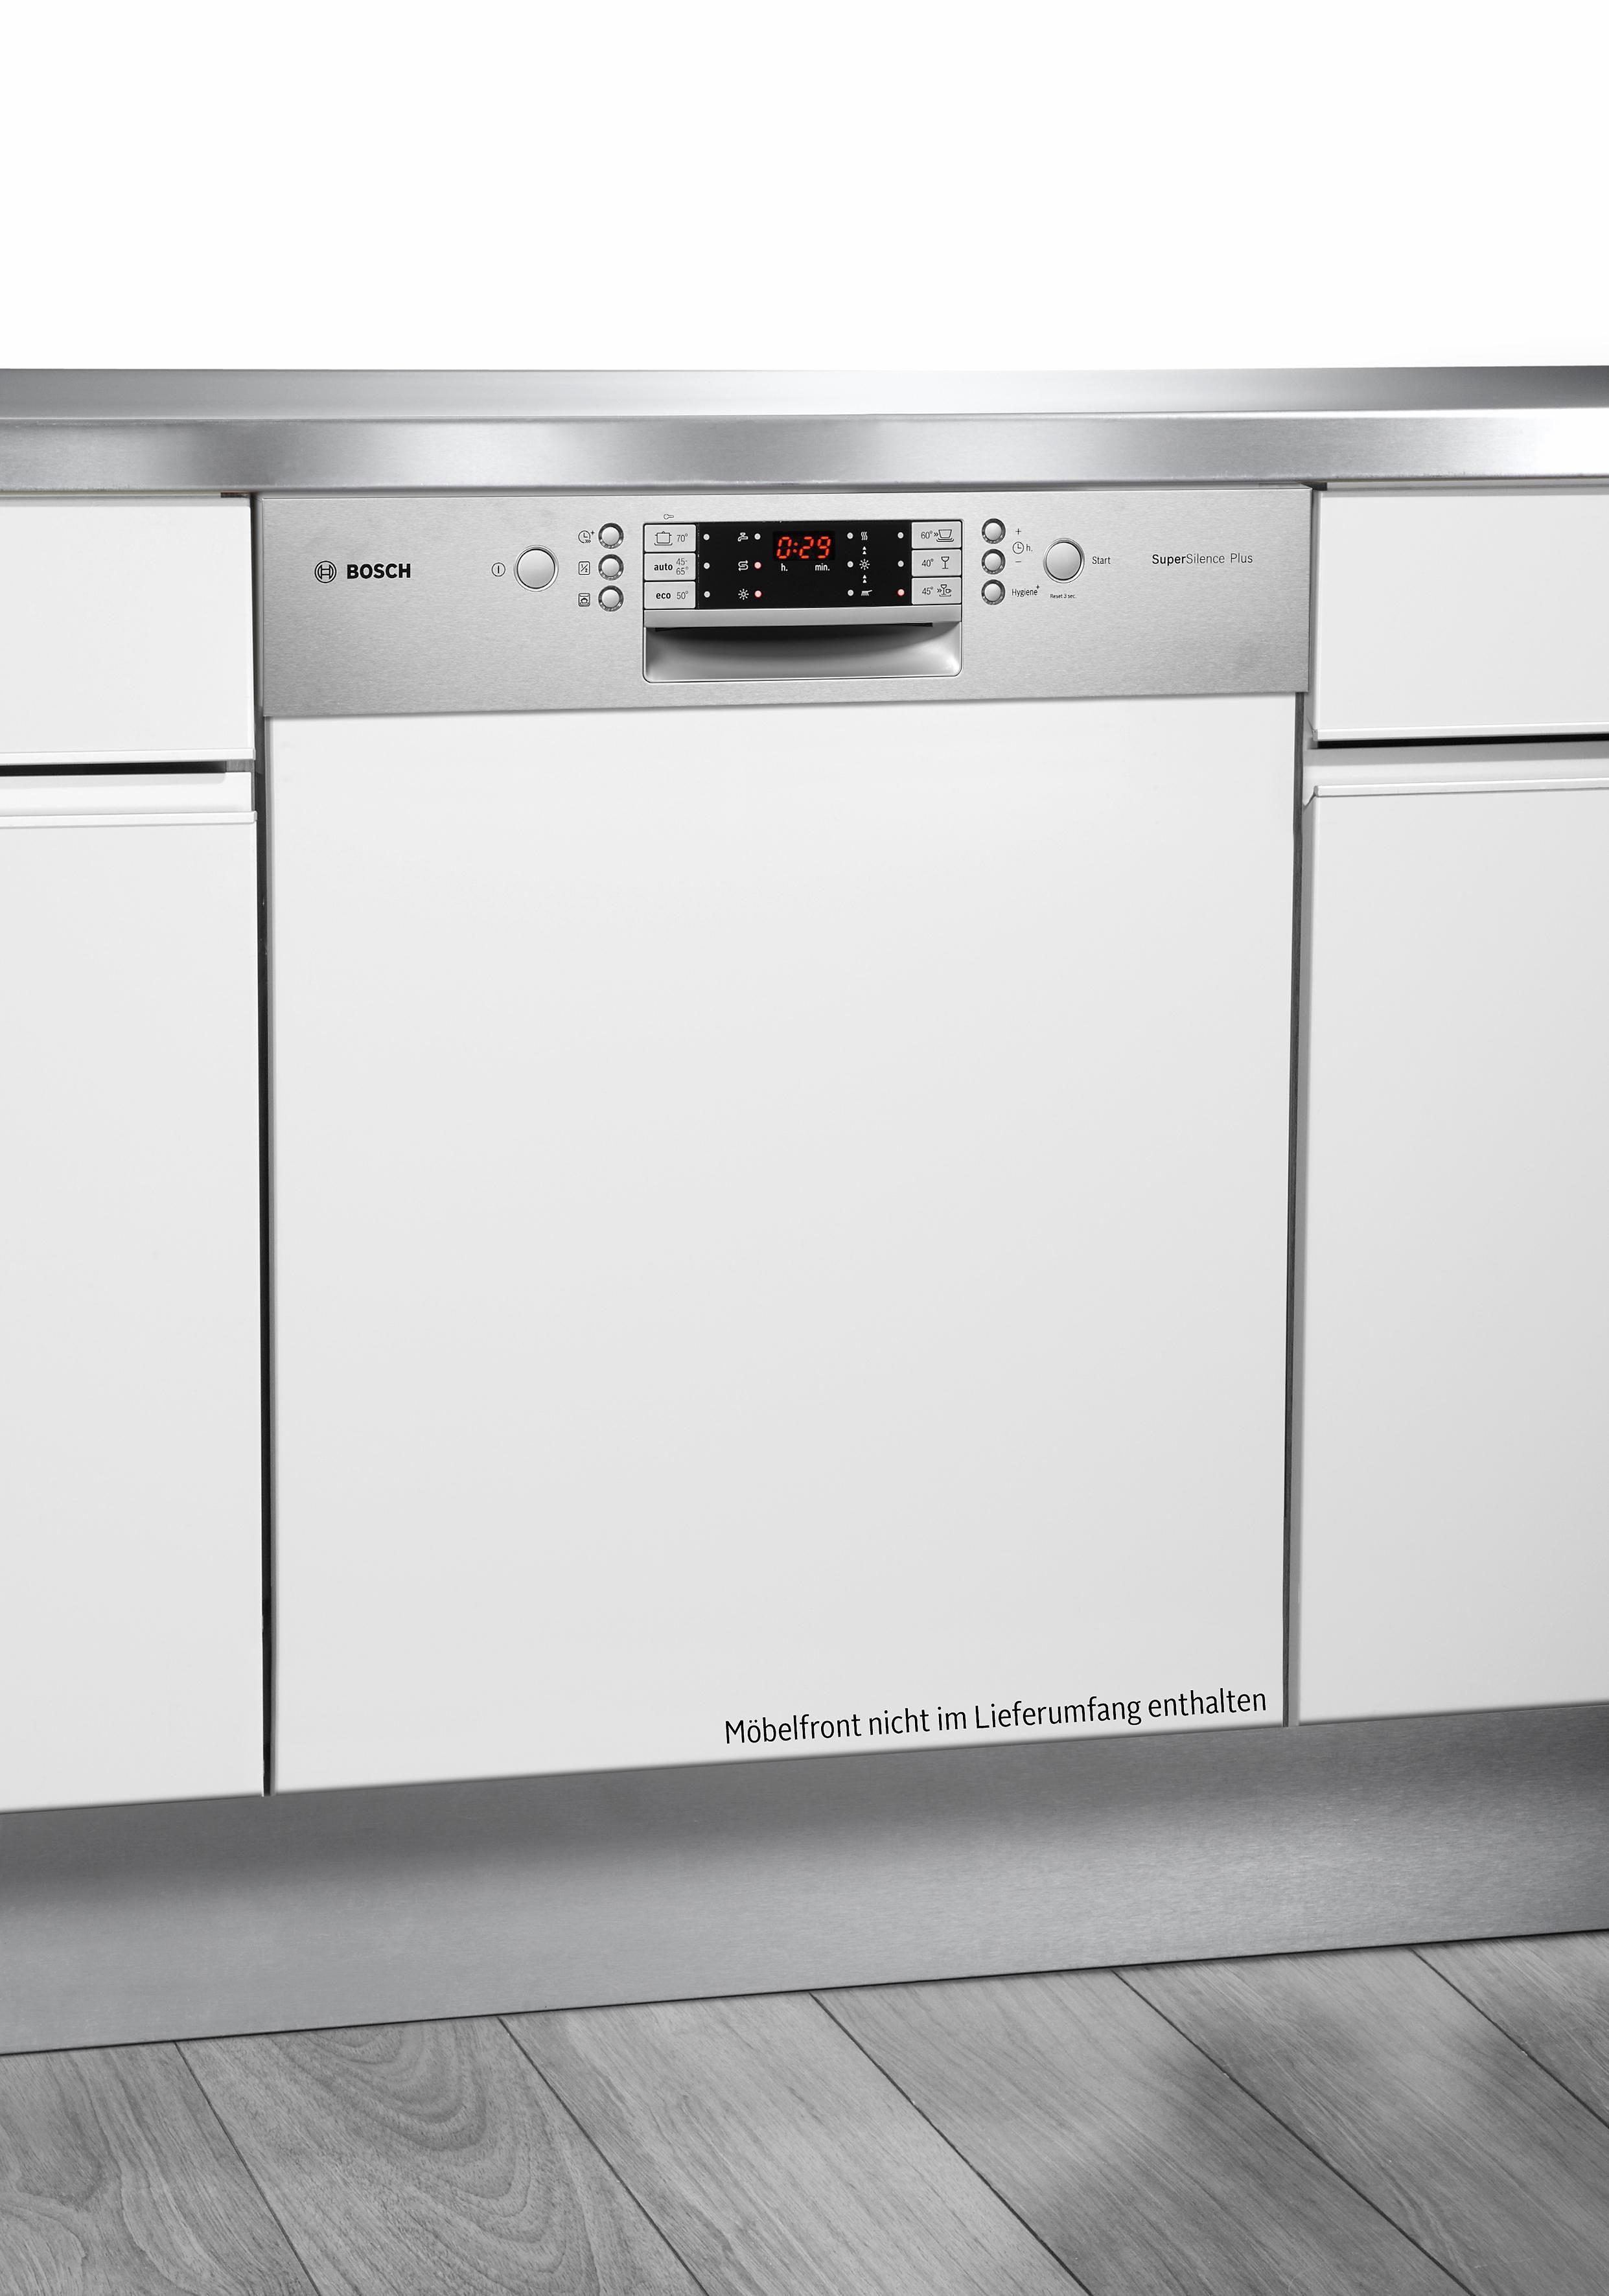 Bosch integrierbar Einbaugeschirrspüler SMI69P45EU, A++, 9,5 Liter, 14 Maßgedecke